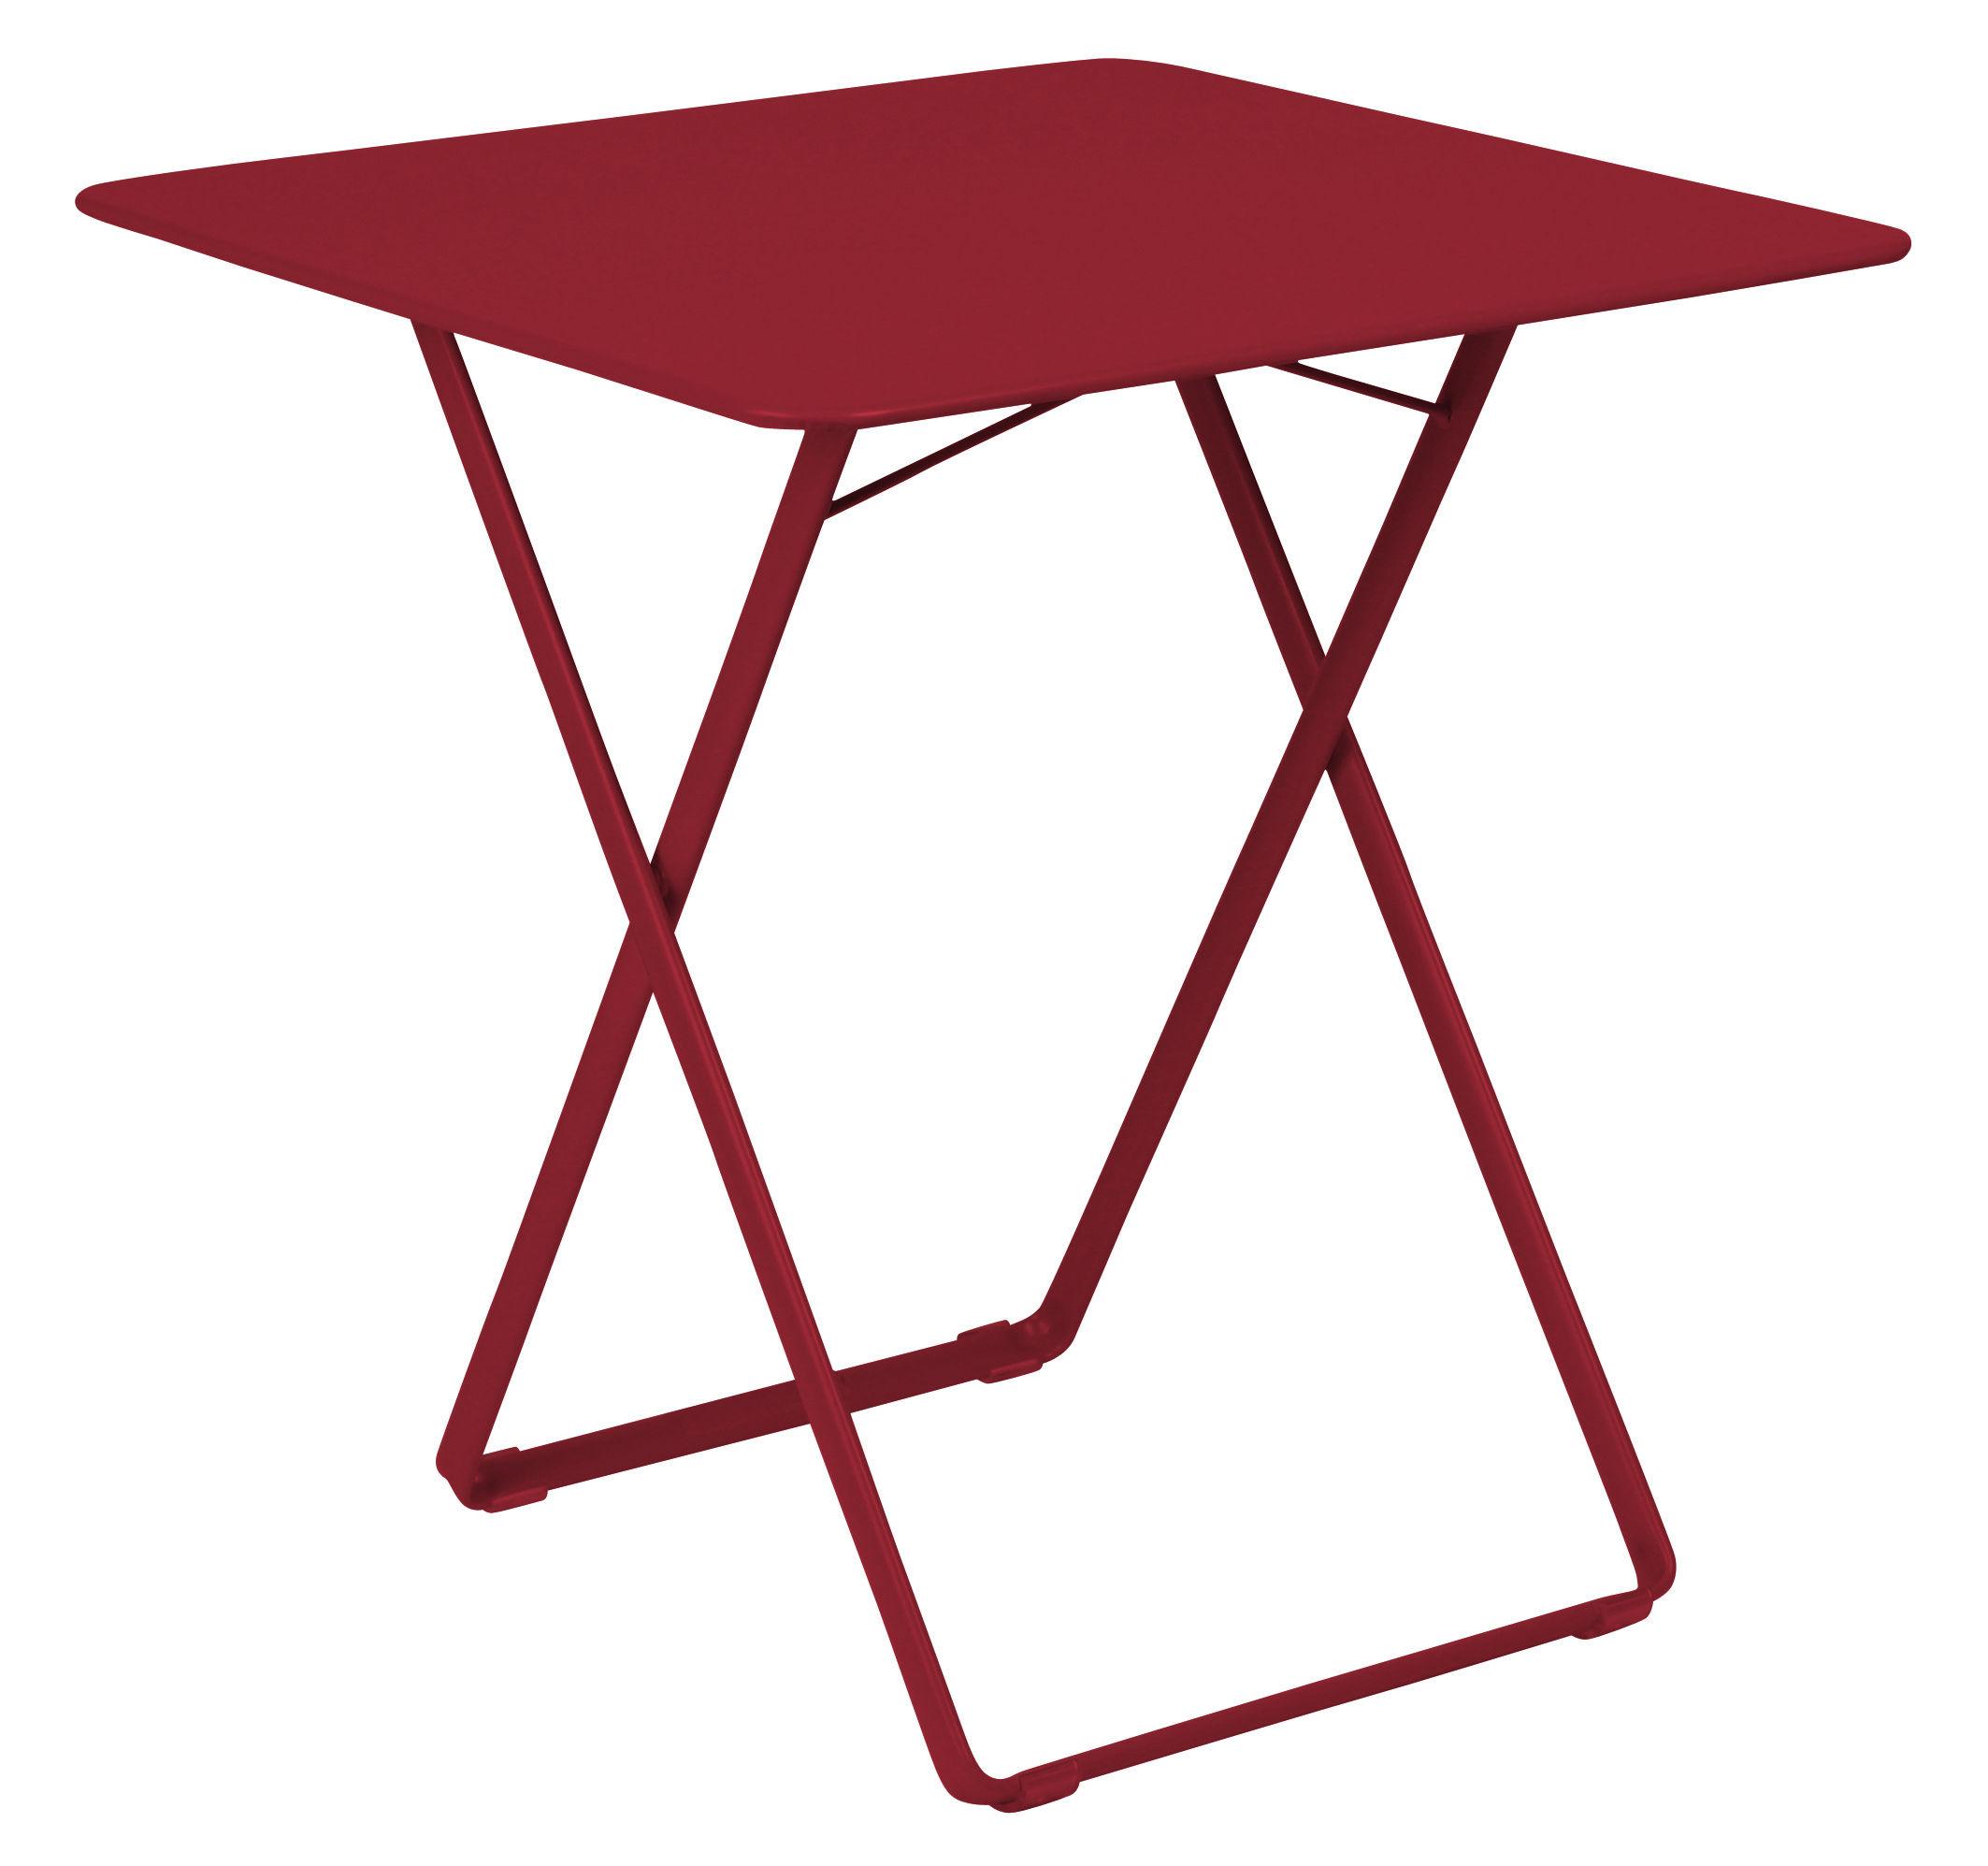 Outdoor - Tavoli  - Tavolo pieghevole Plein Air - 71 x 71cm di Fermob - Peperoncino - Acciaio galvanizzato